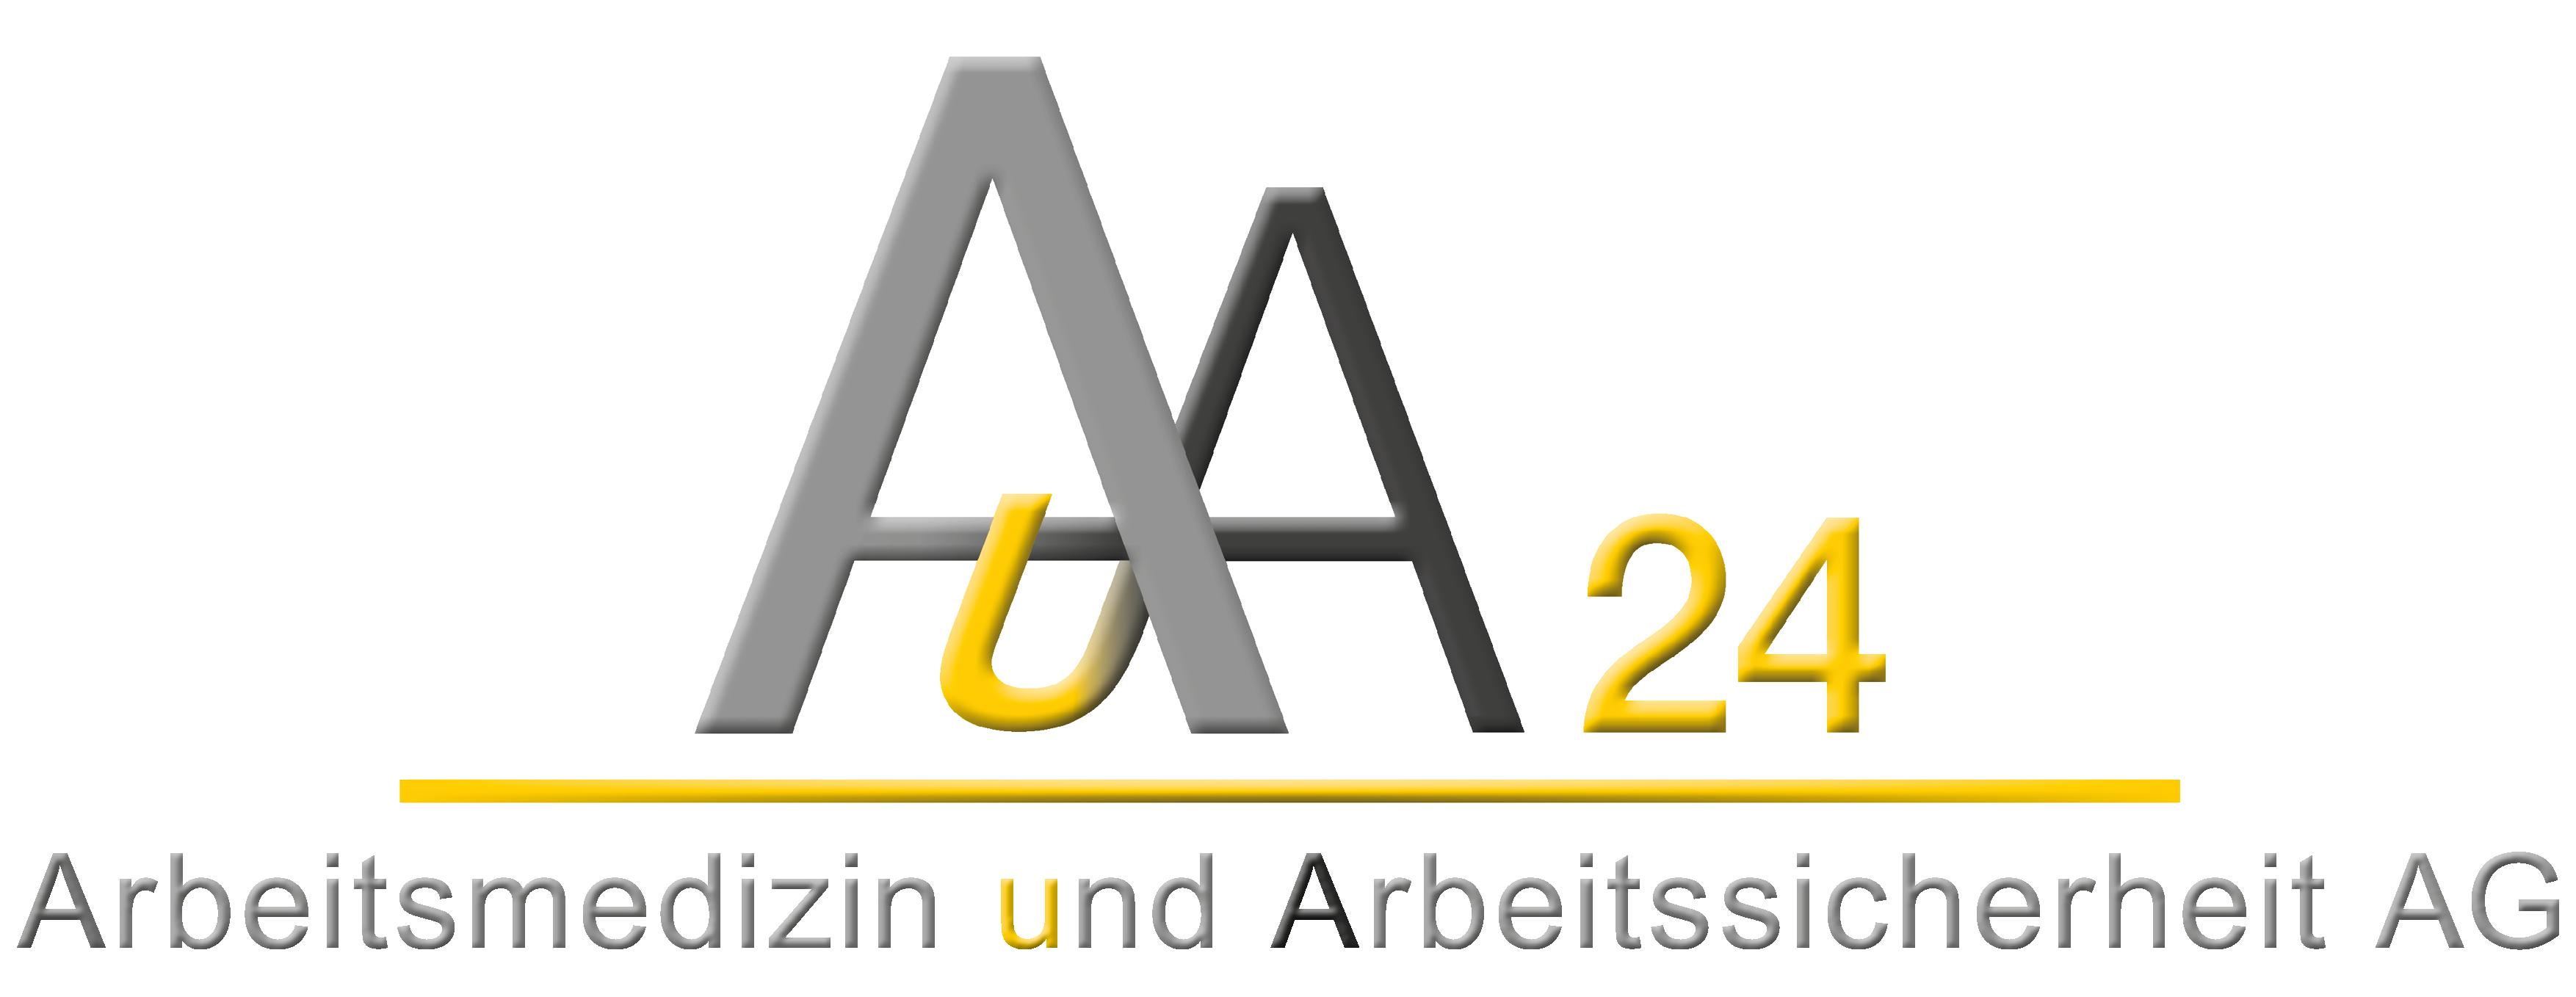 AuA24-Logo-Axel-2015-10-21